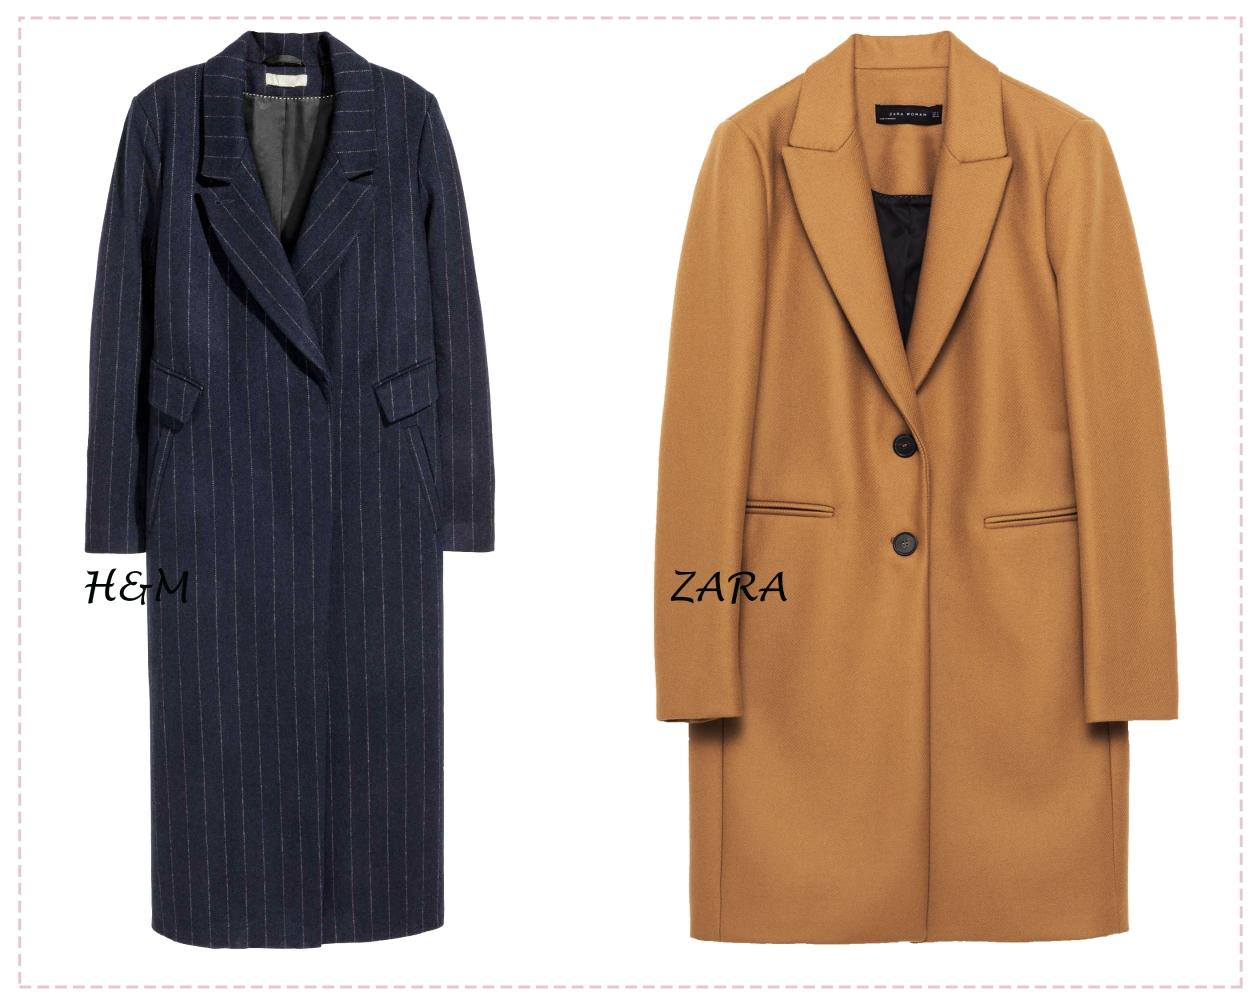 winter-coats-zara-hm